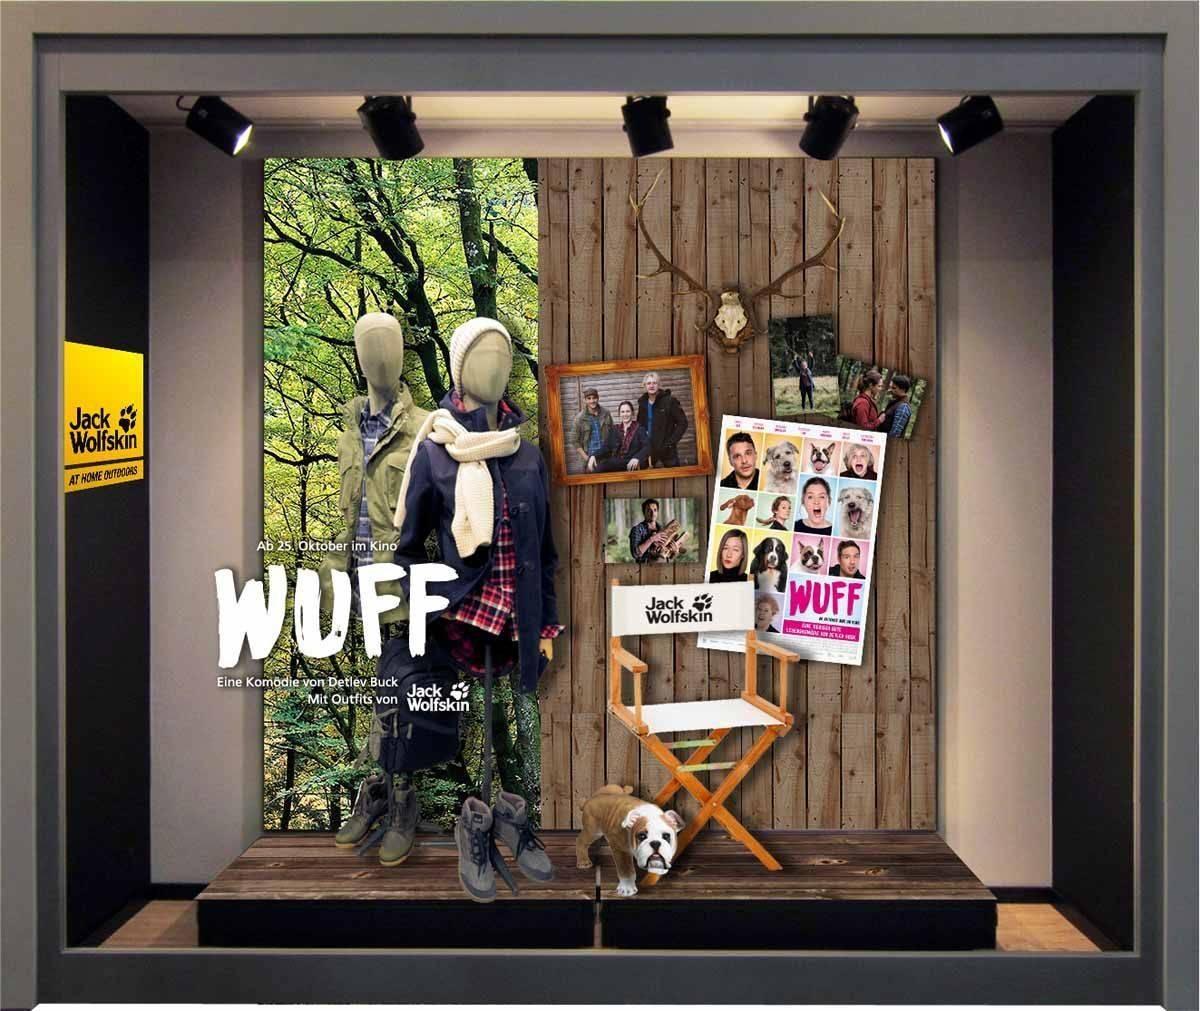 Jack Wolfskin stattet Detlev Buck Kinokomödie aus   W&V